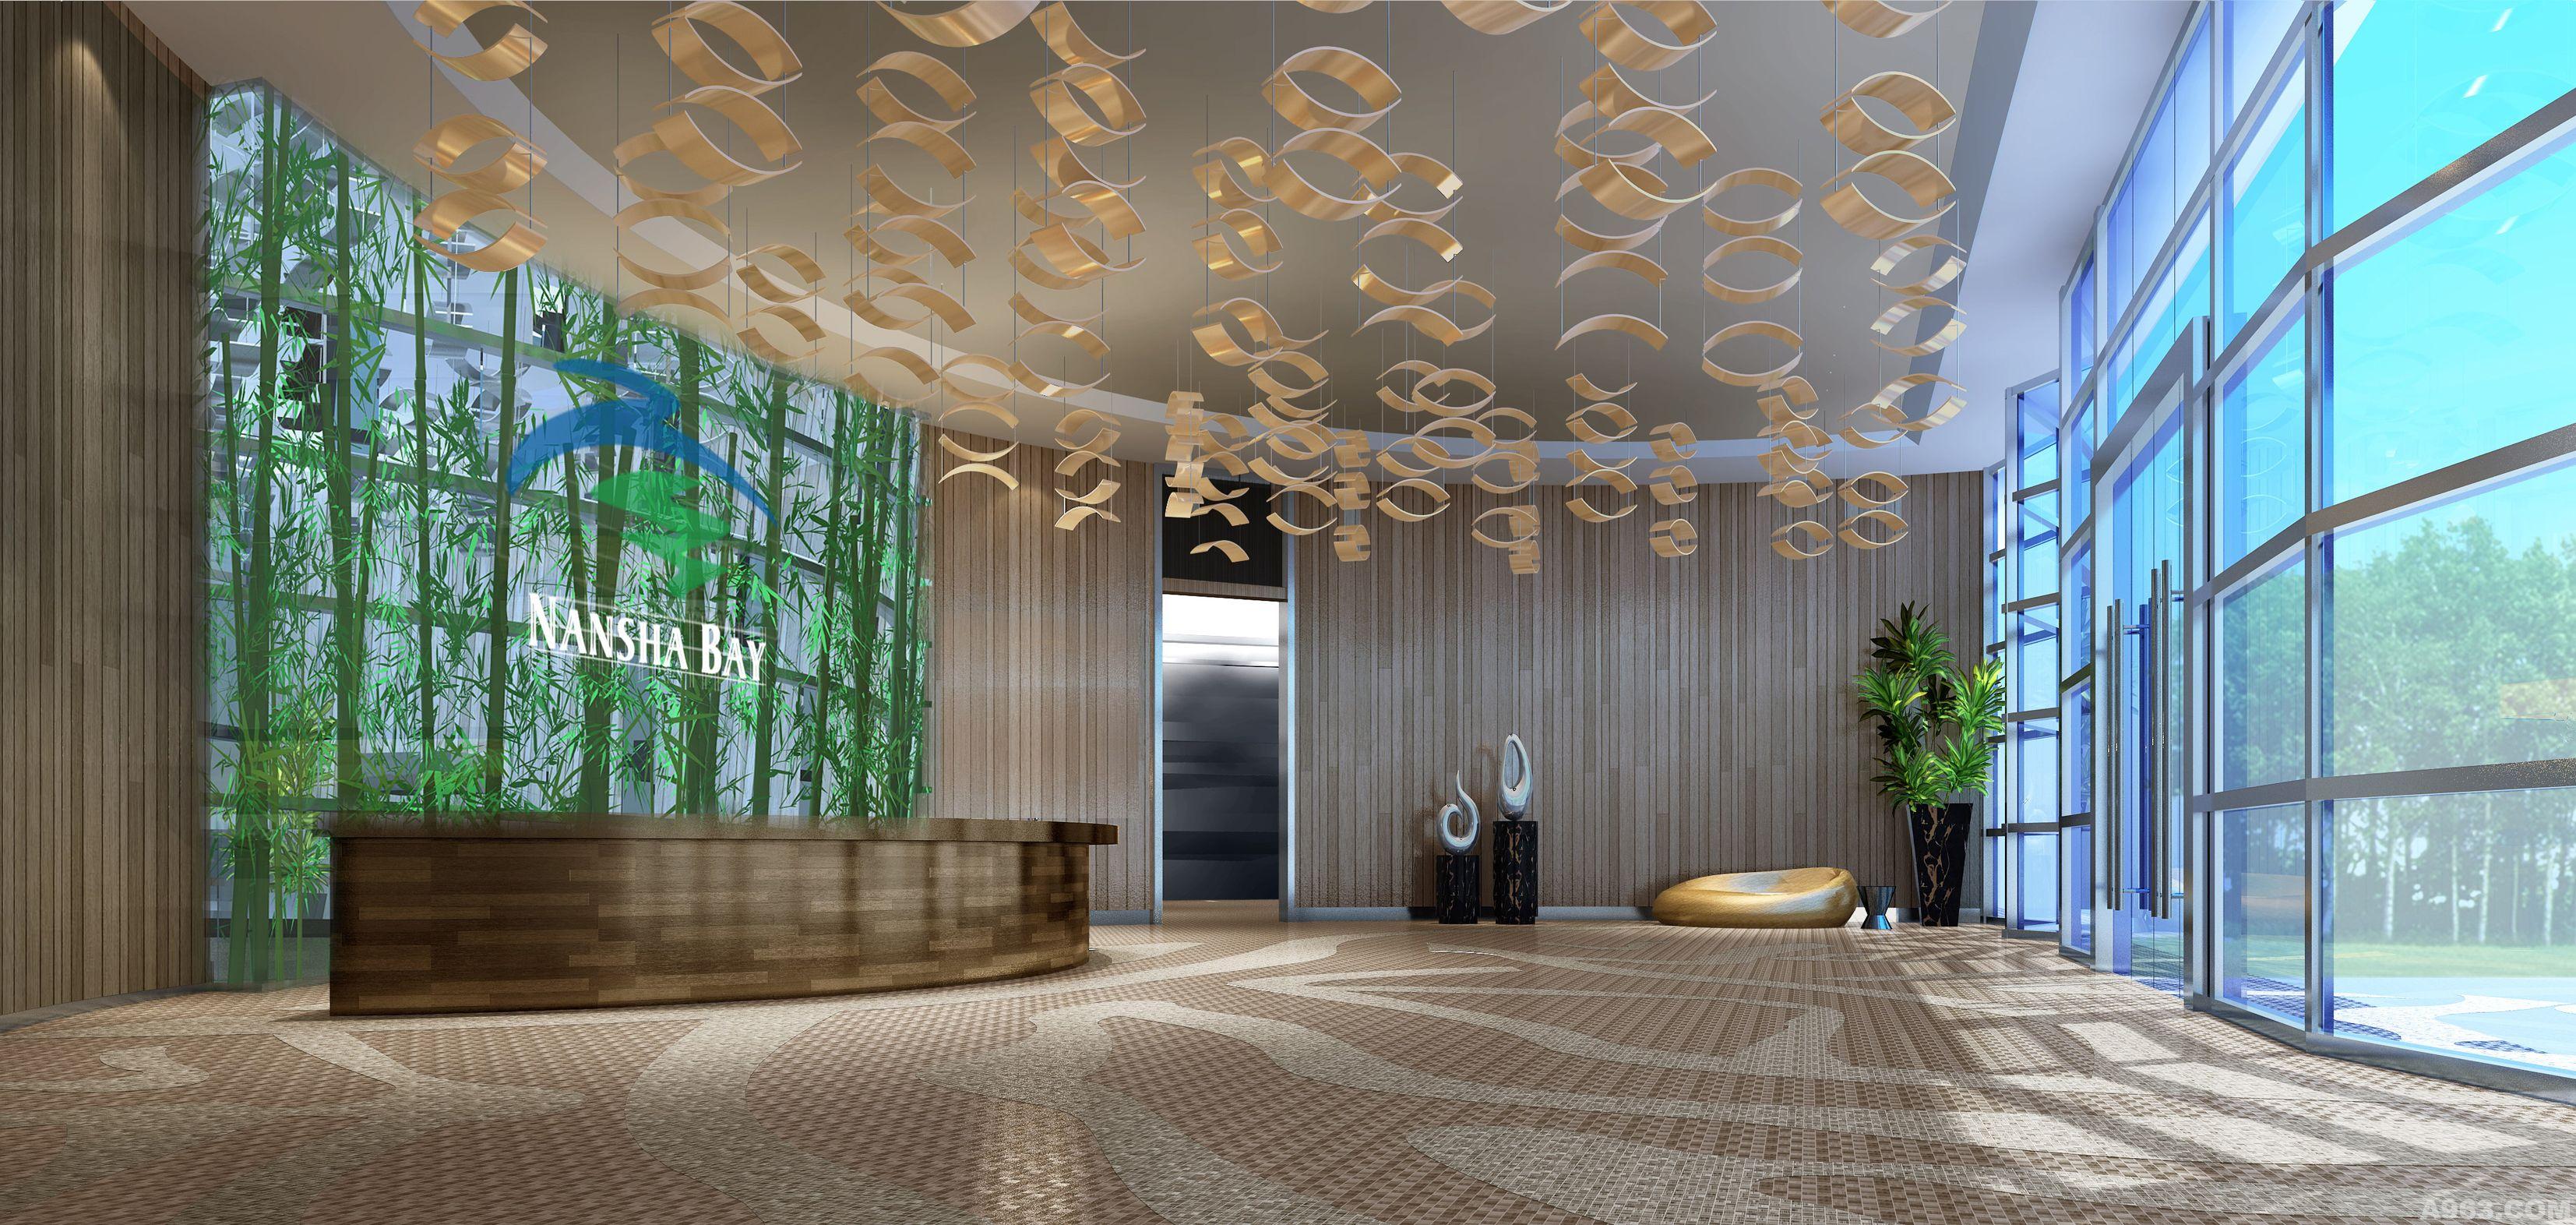 中华室内设计网 作品中心 公共空间 售楼处 > 广州市铭唐装饰设计工程